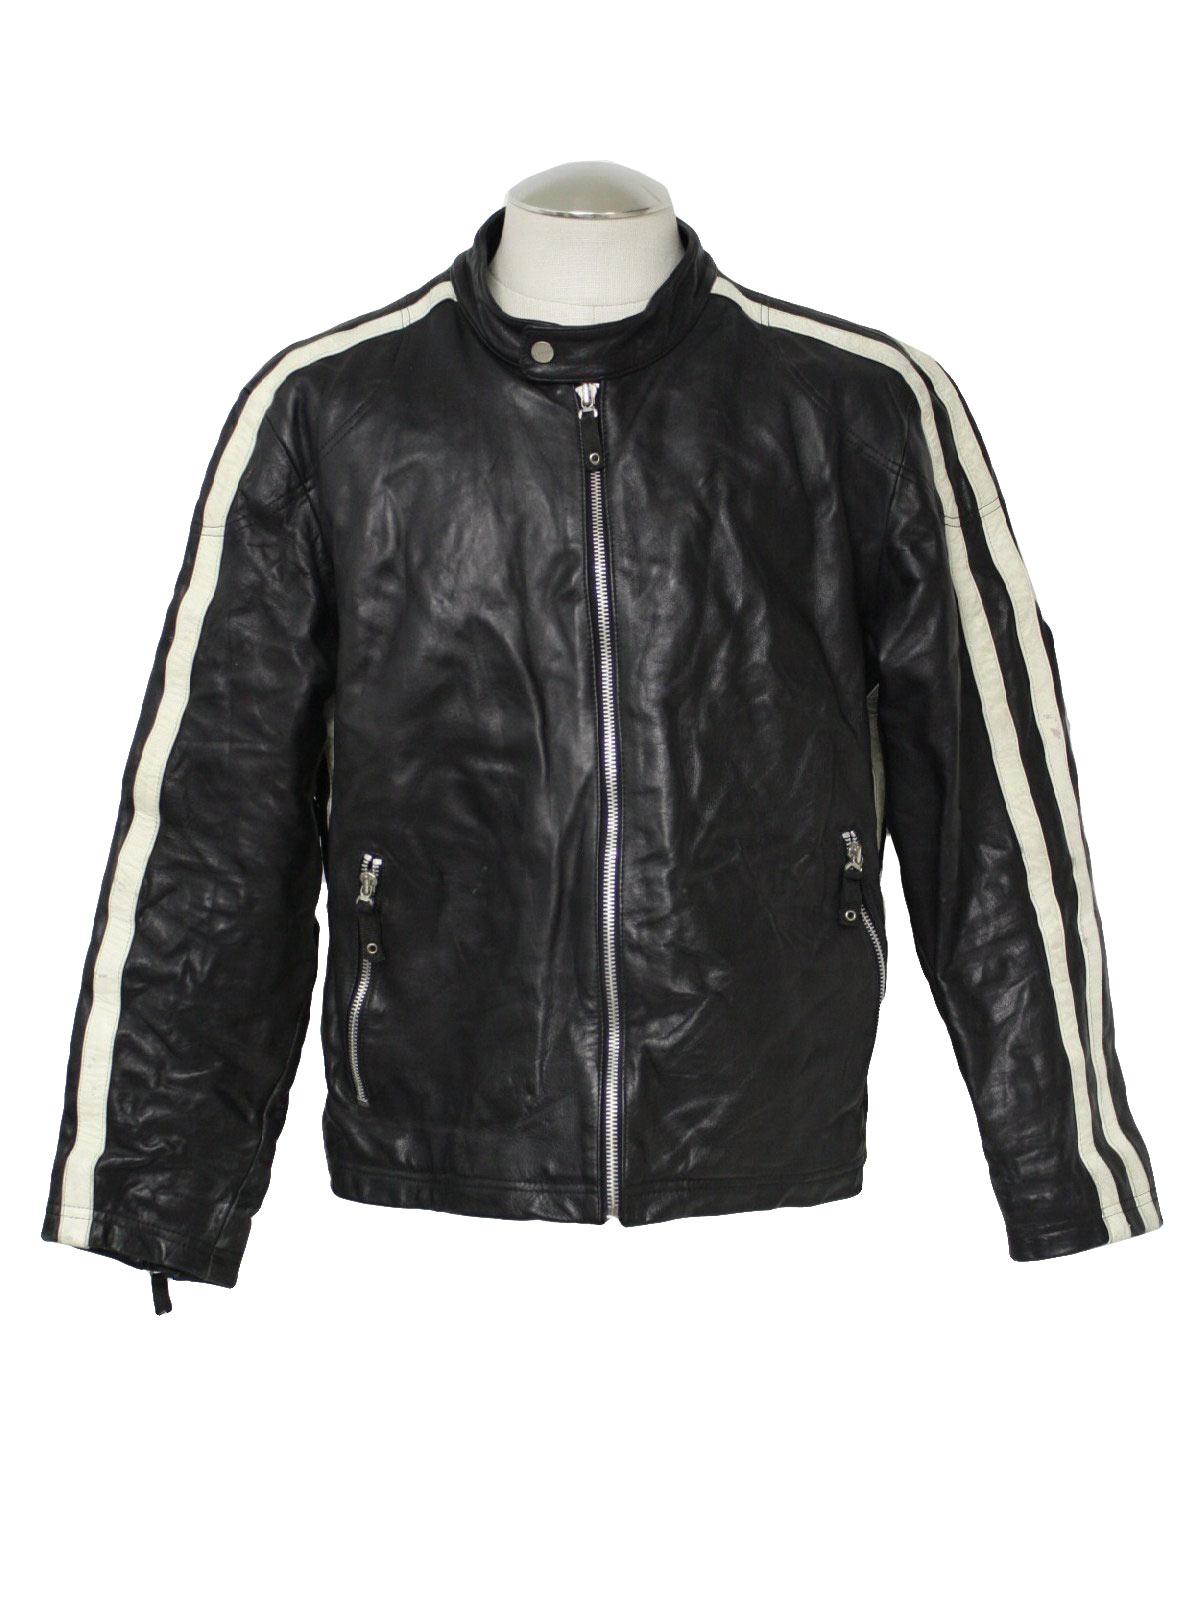 WILSON LEATHER JACKETS   Women's & Men's Jackets